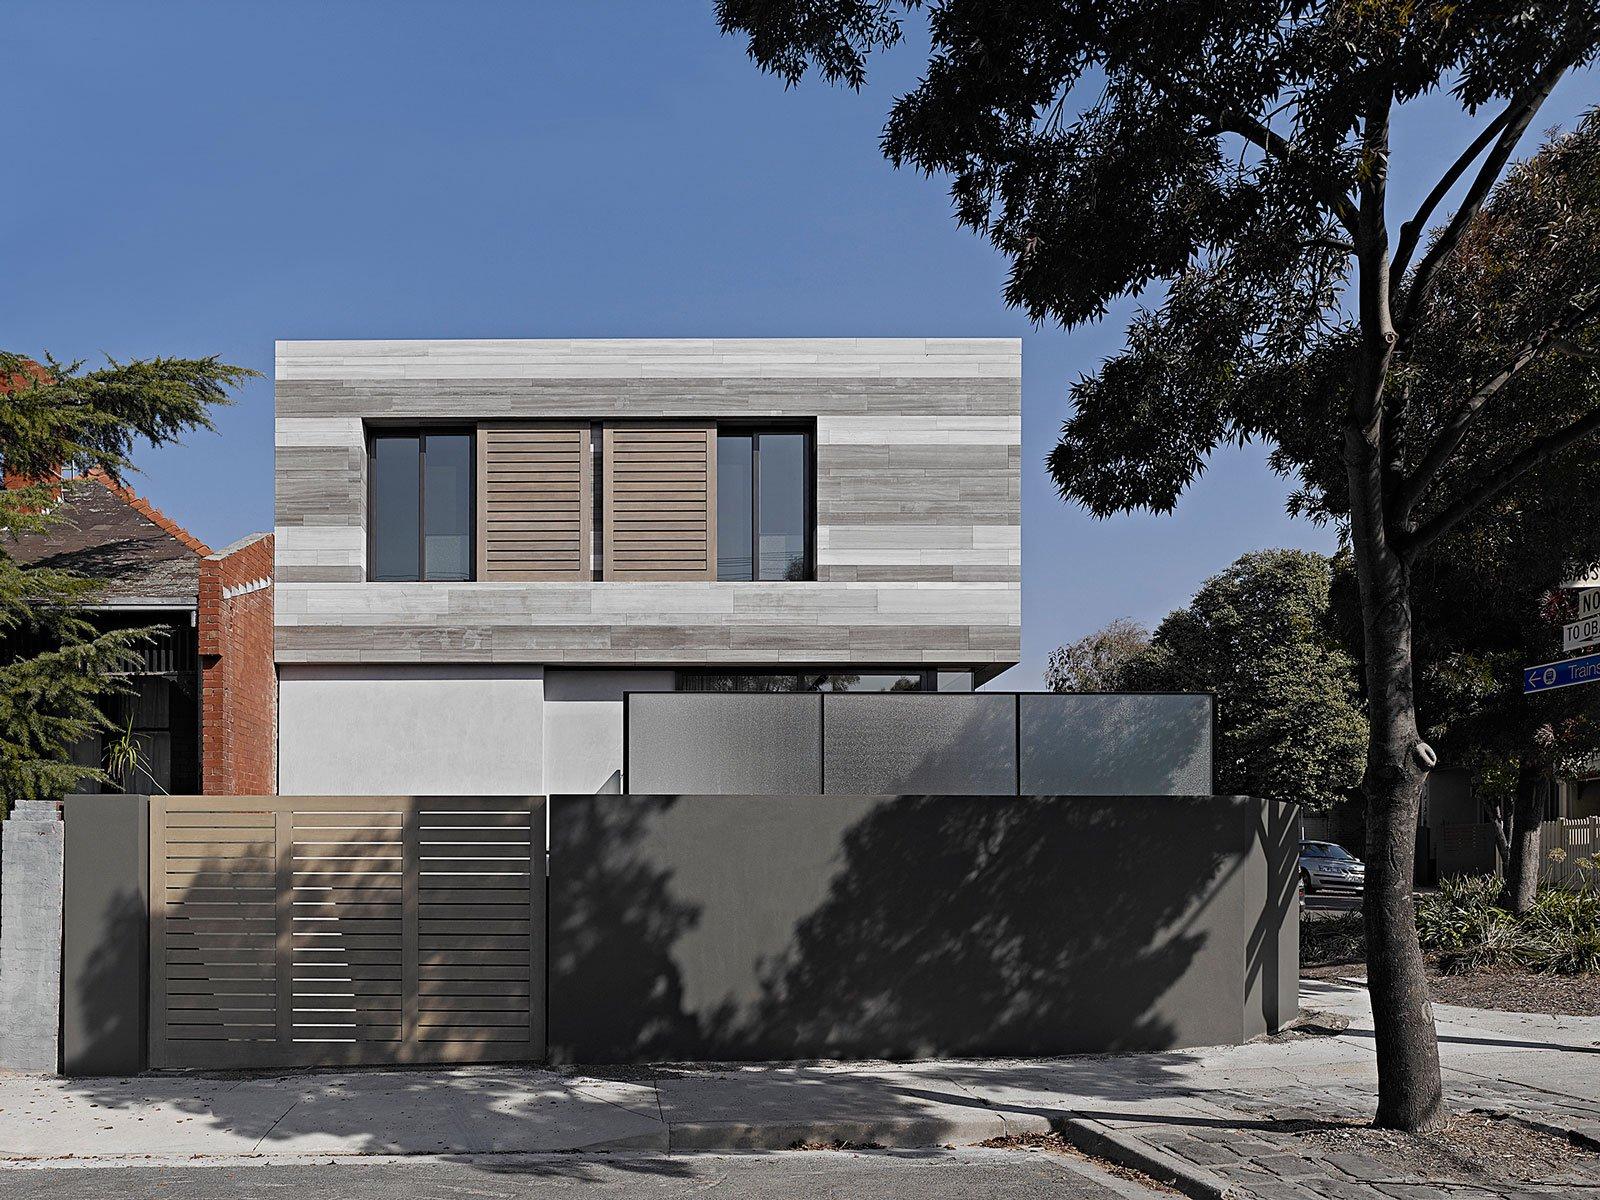 cassell-street-house-02